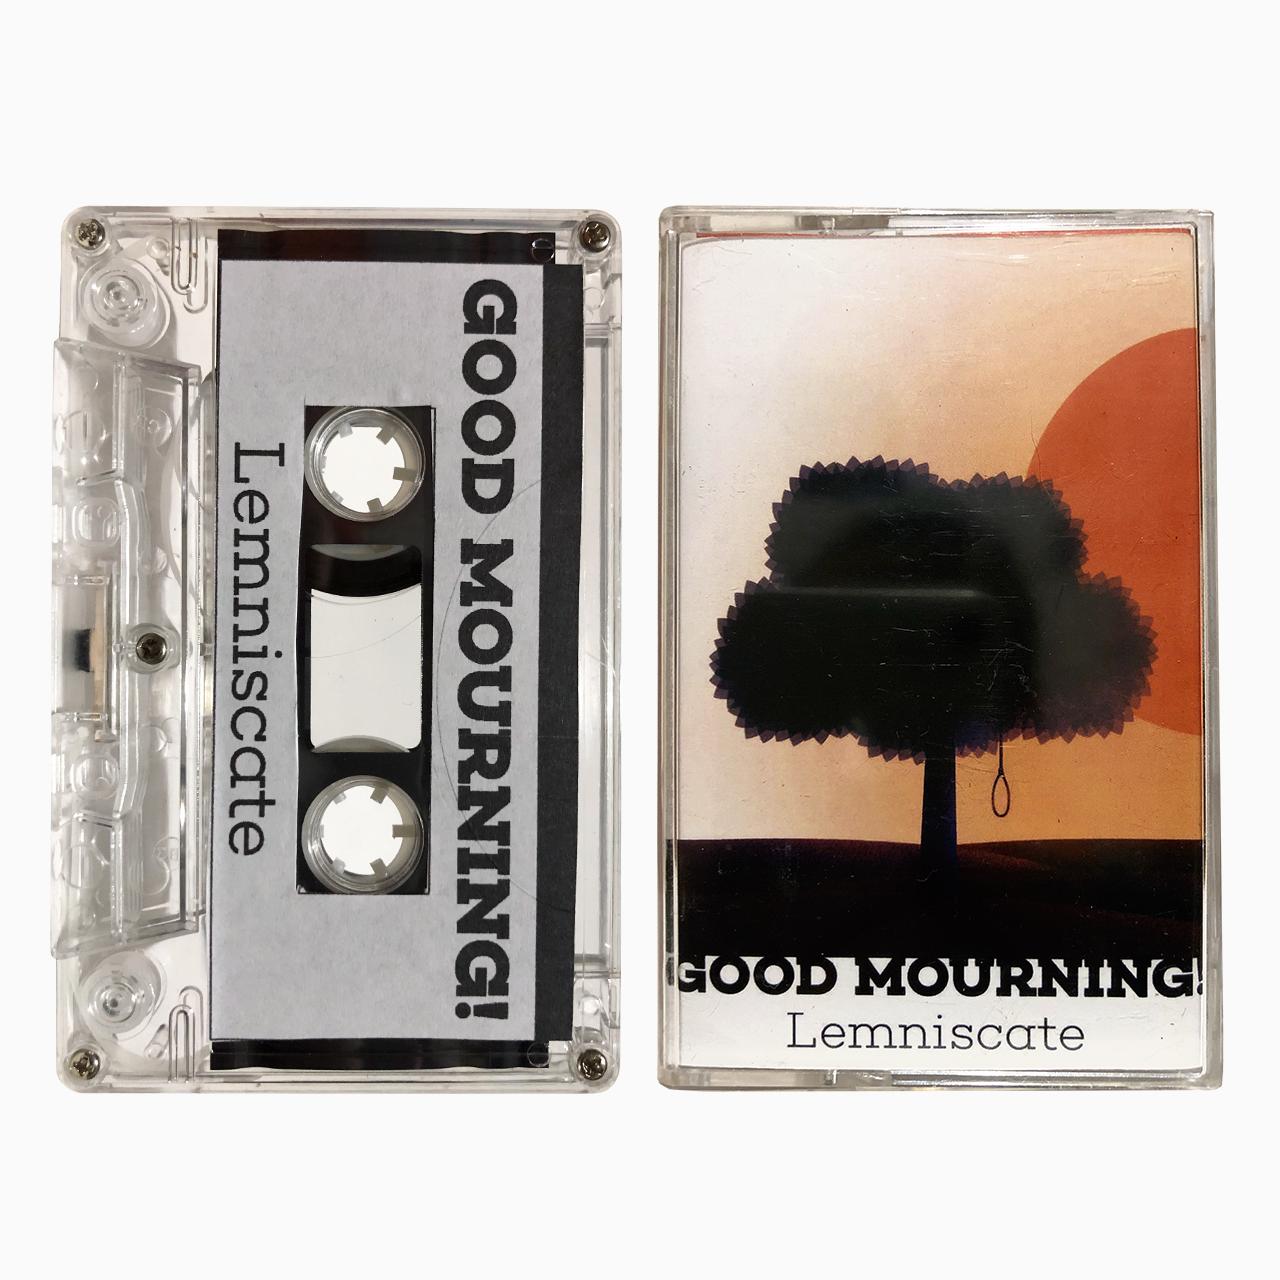 Good Mourning! 'Lemniscate' cassette